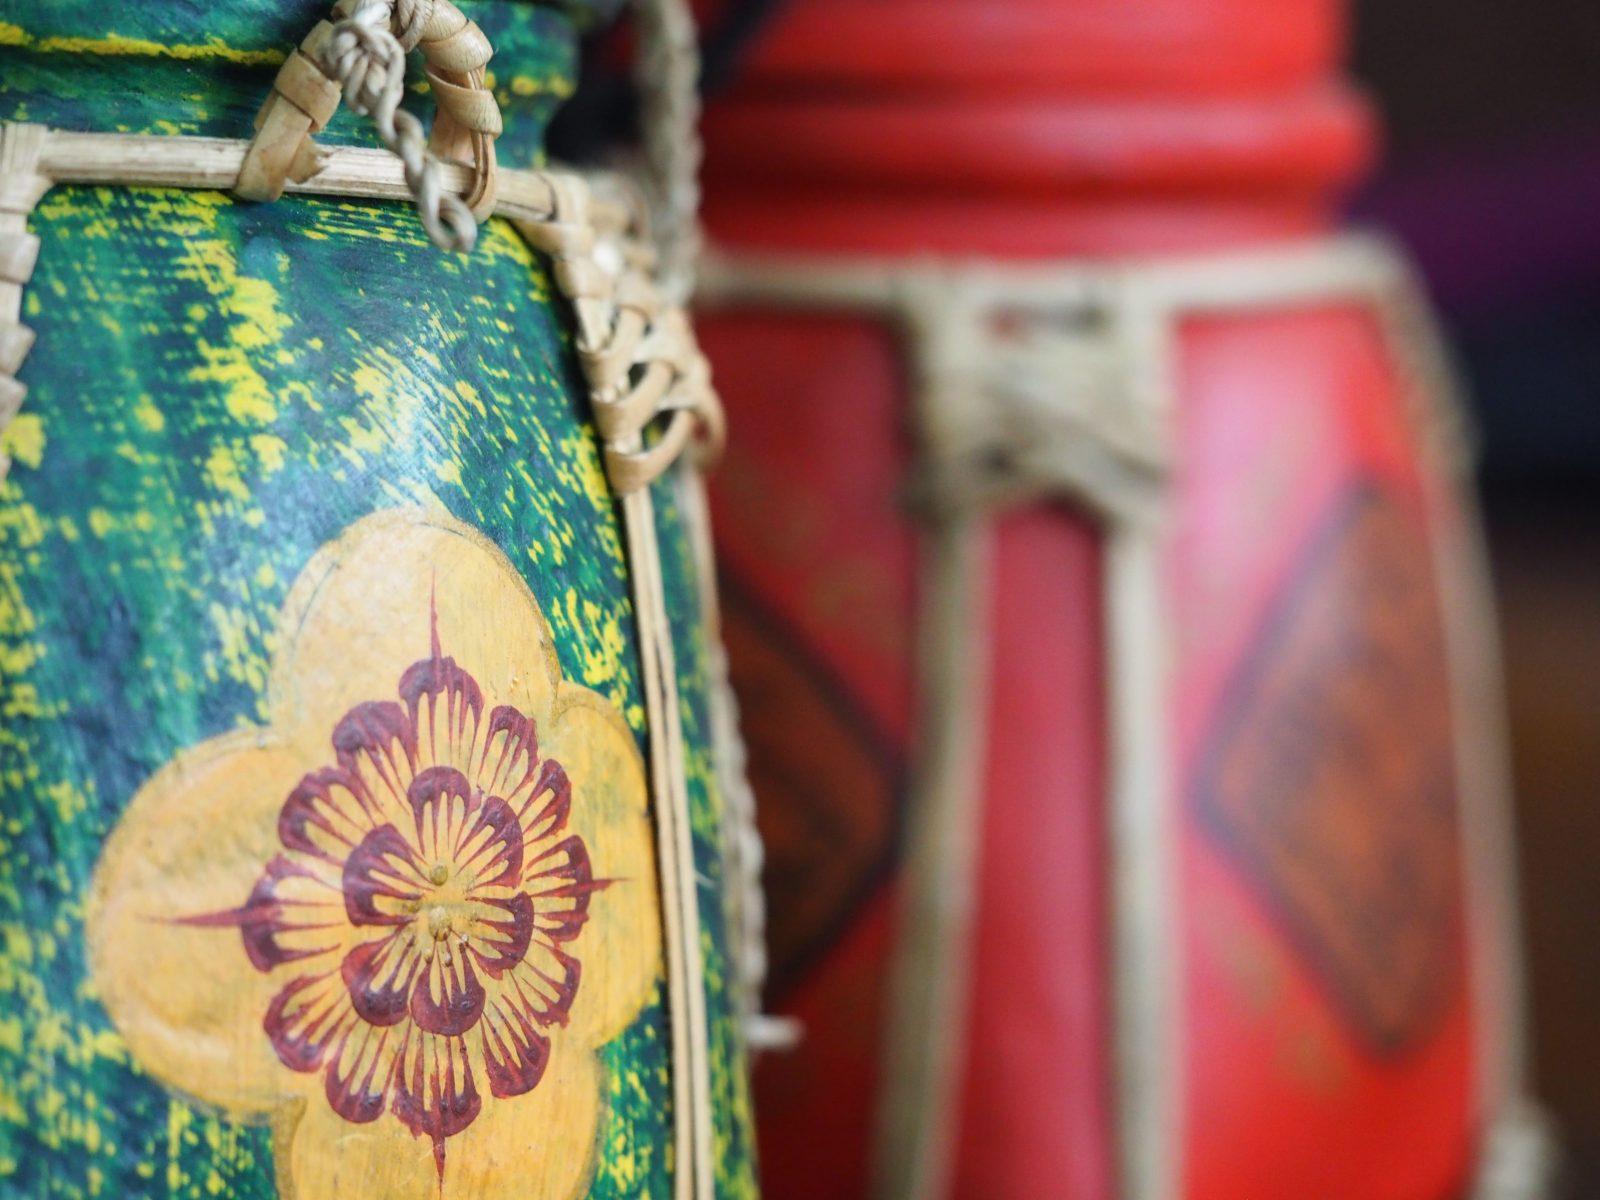 παραδοσιακά κουτιά ρυζιού από μπαμπού της Ταϊλάνδης